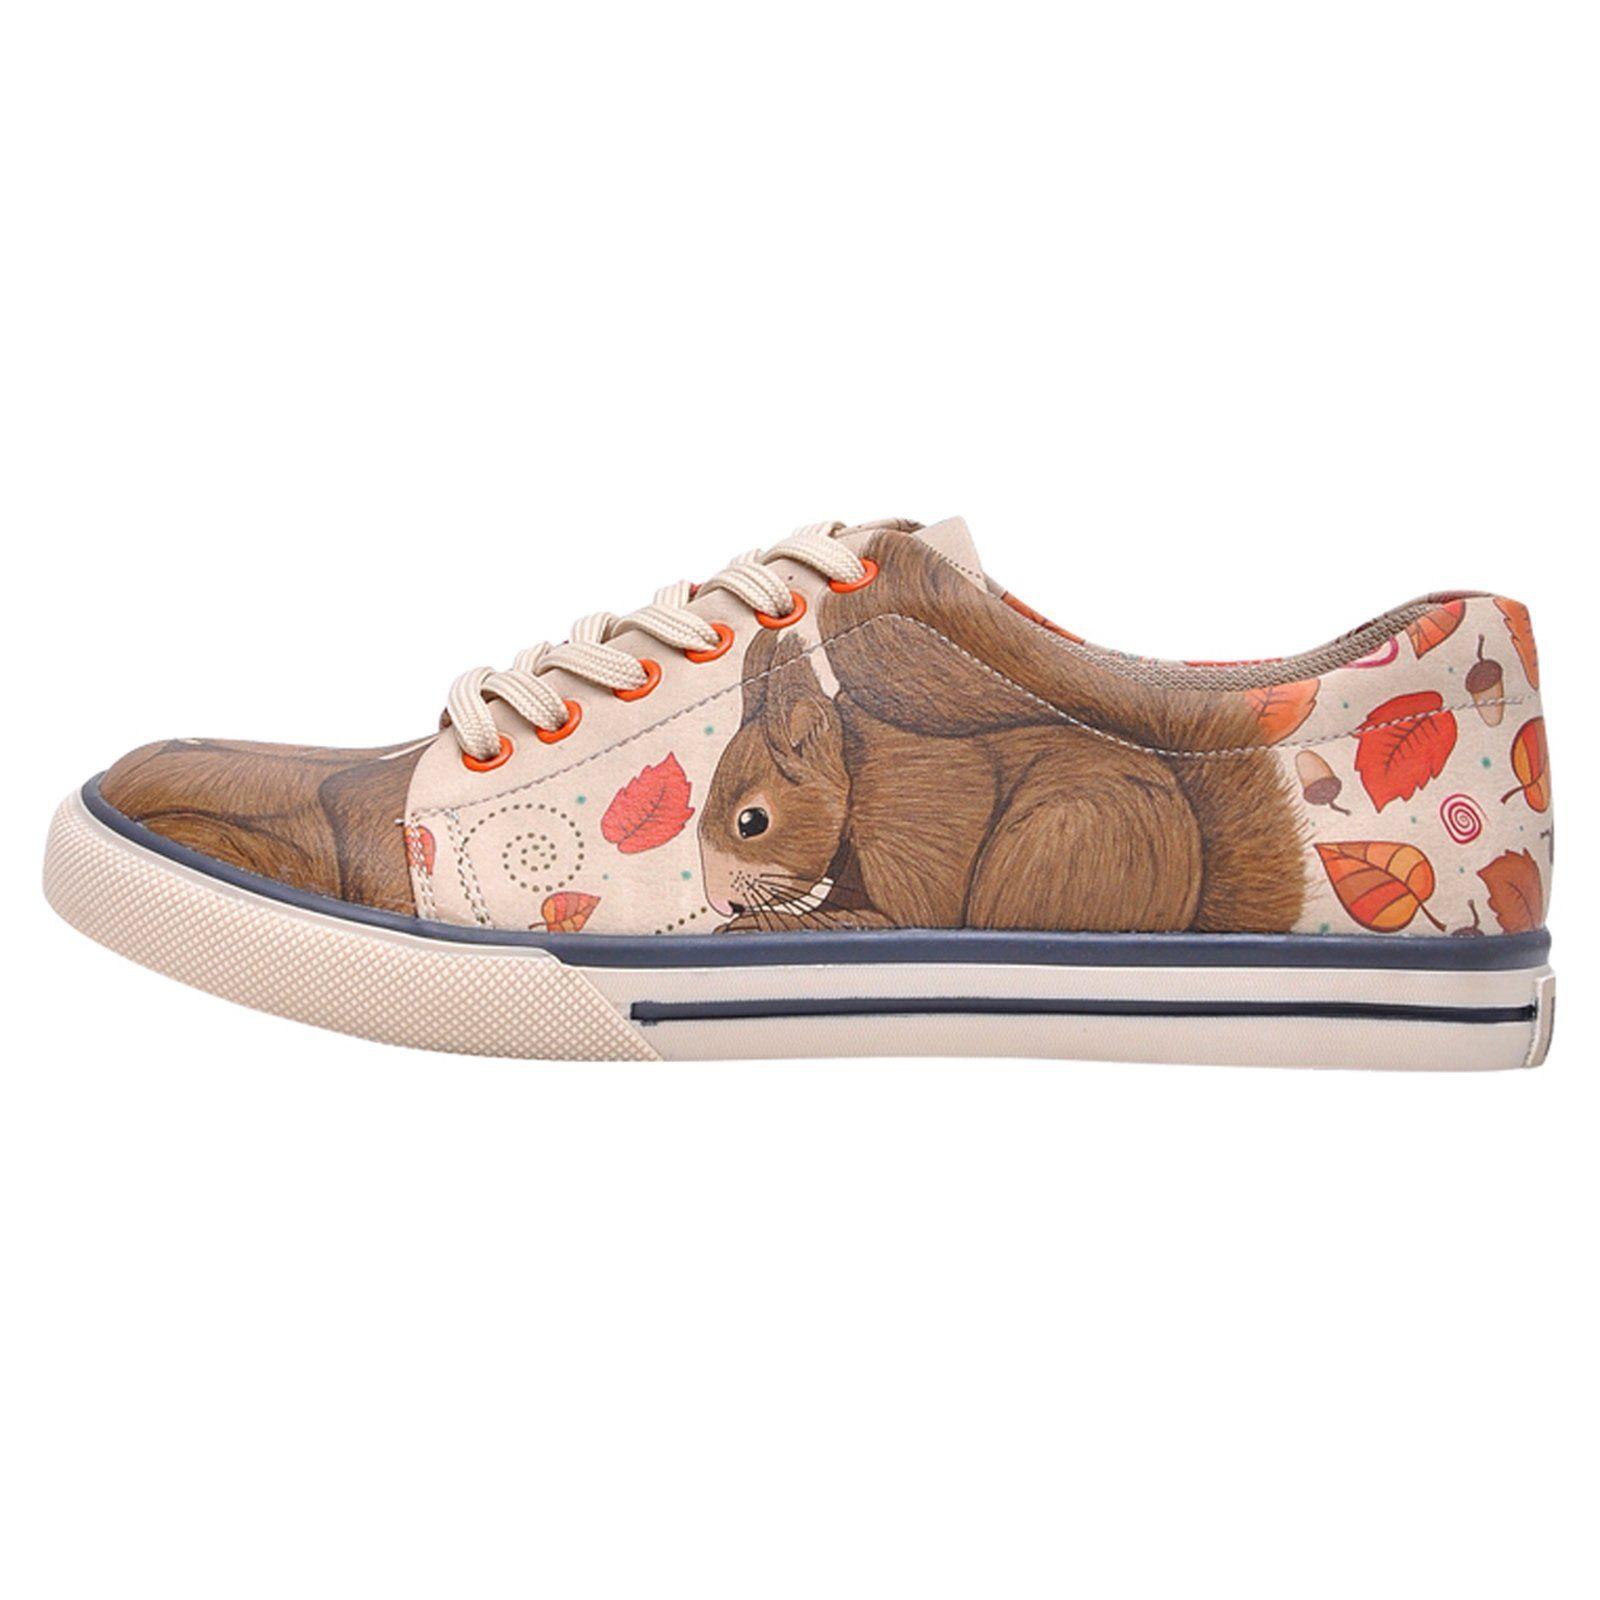 Dogo KaufenOtto »squirrel« Online VeganHandgefertigt Sneaker mnO0w8Nv